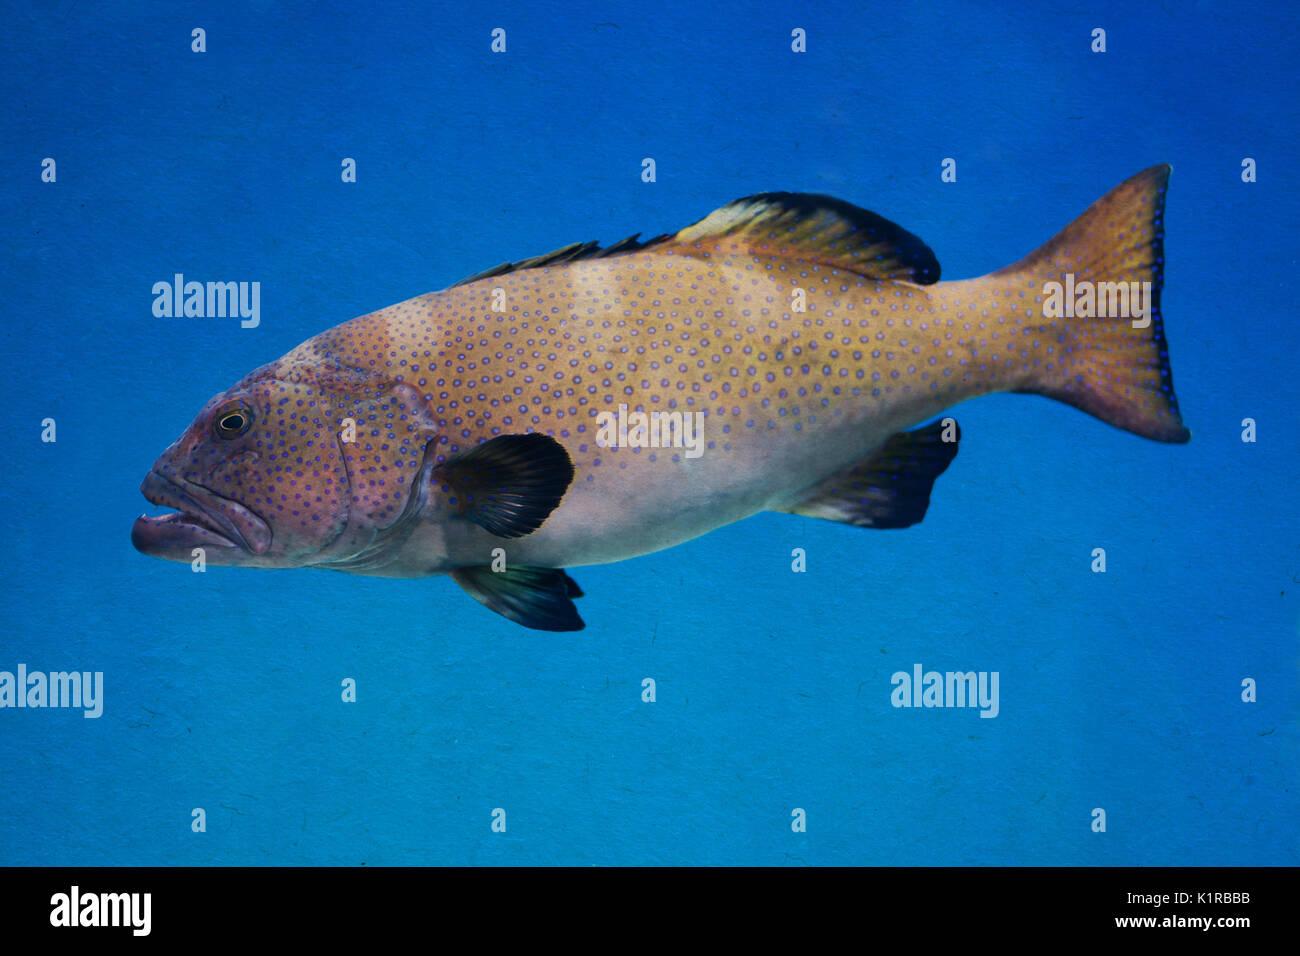 Gills Fish Stock Photos & Gills Fish Stock Images